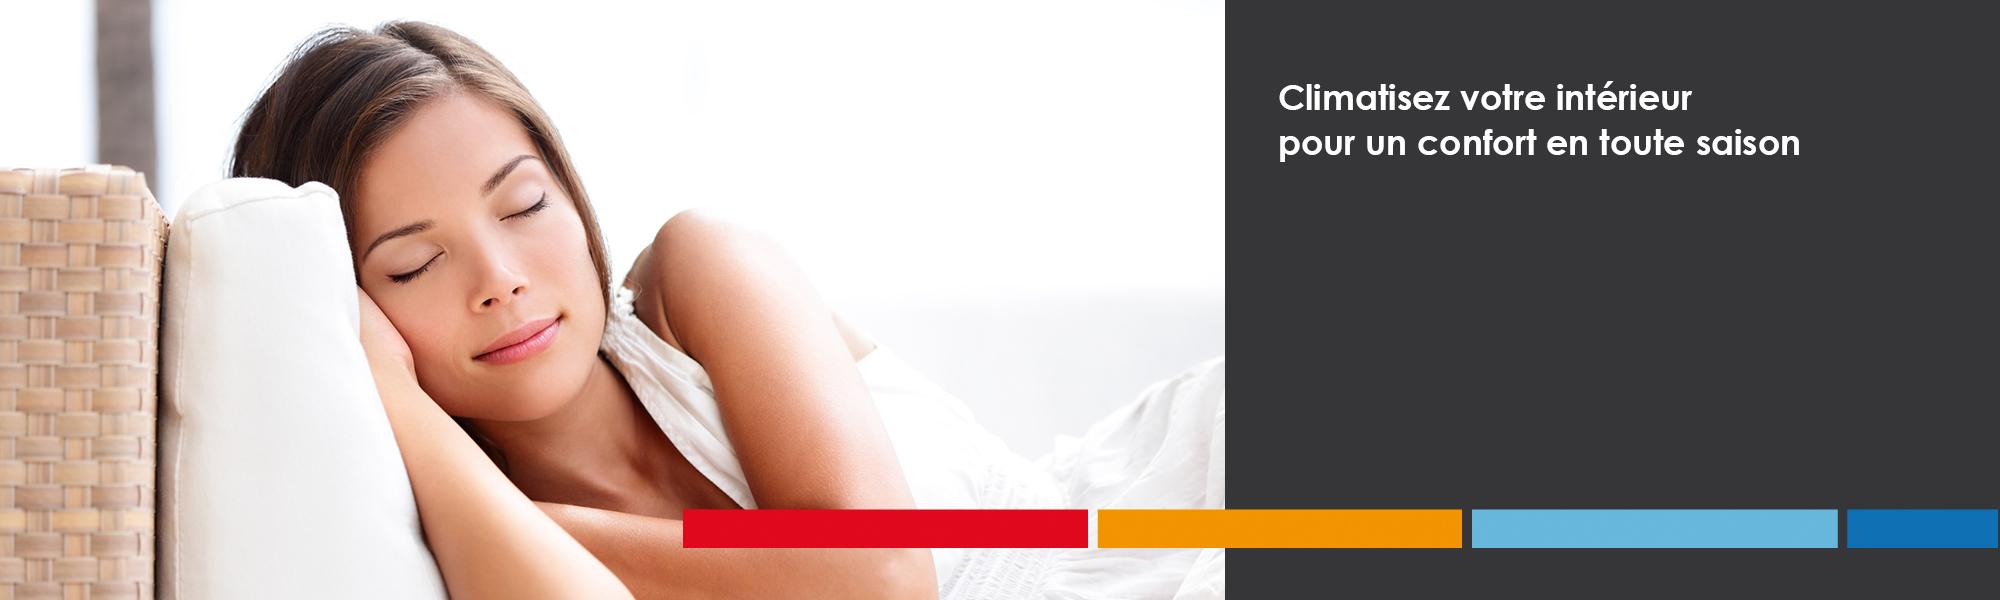 climatiser sa maison clim af climatisation installation et maintenance. Black Bedroom Furniture Sets. Home Design Ideas